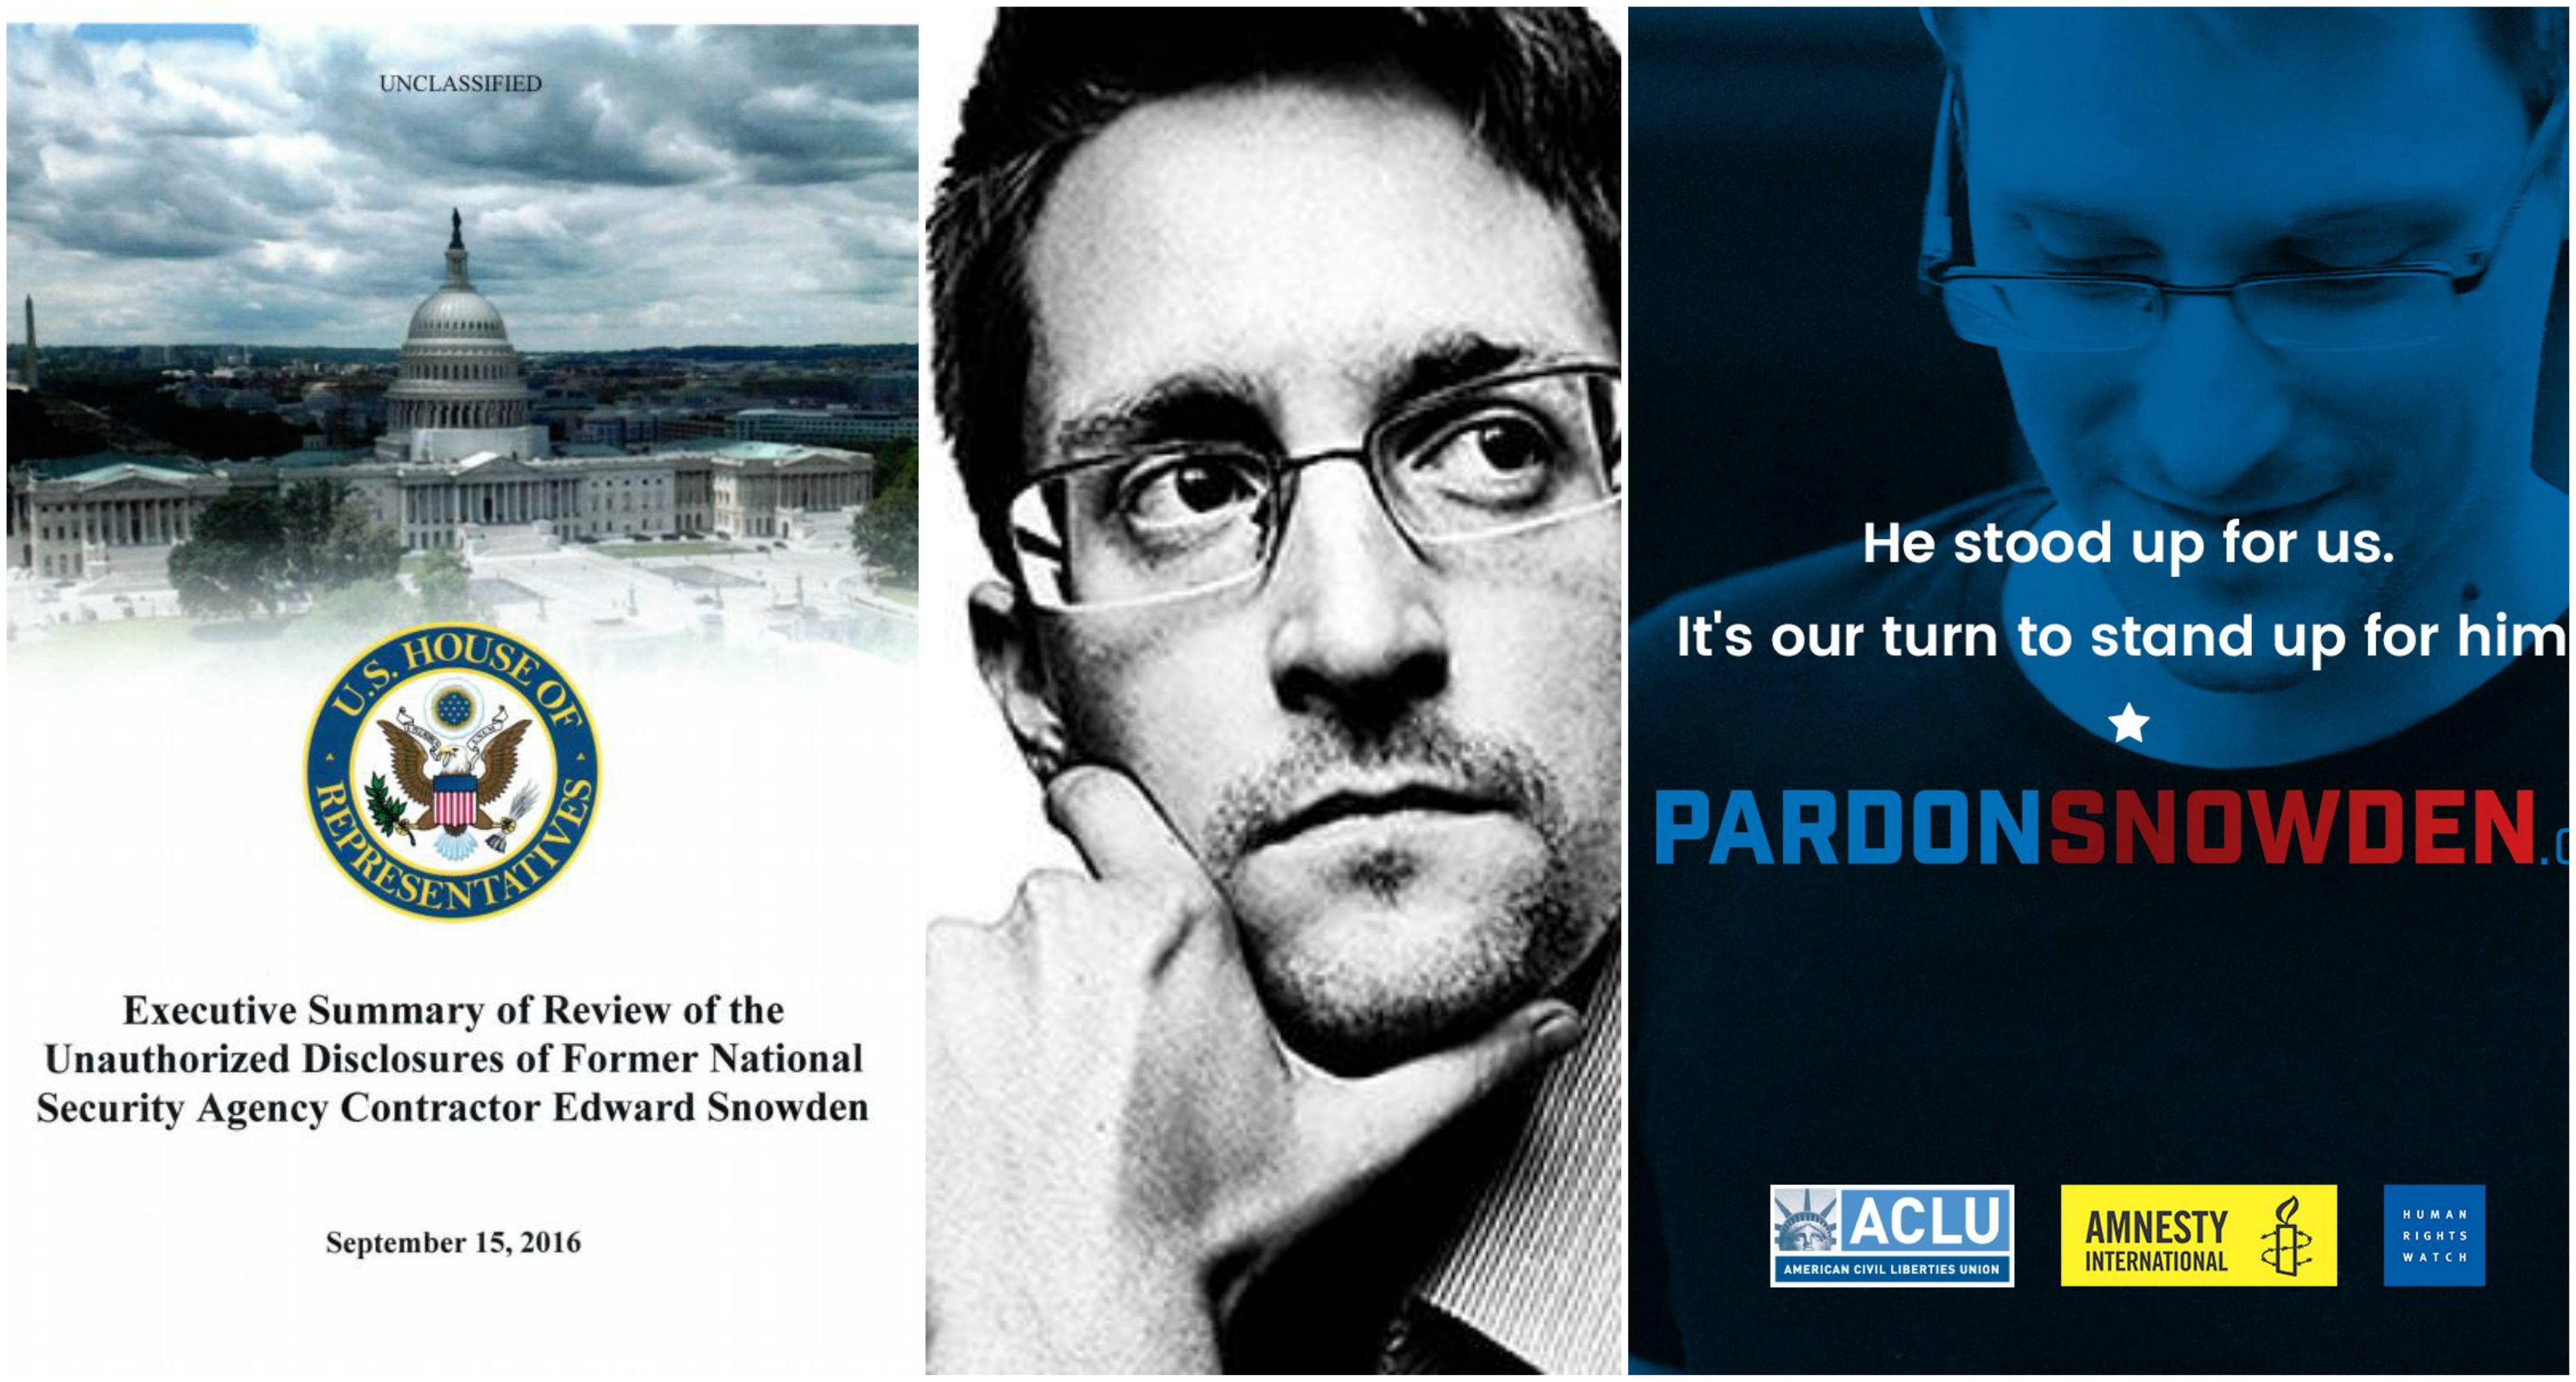 Tinker, Tailor, Snowden, Pardon?